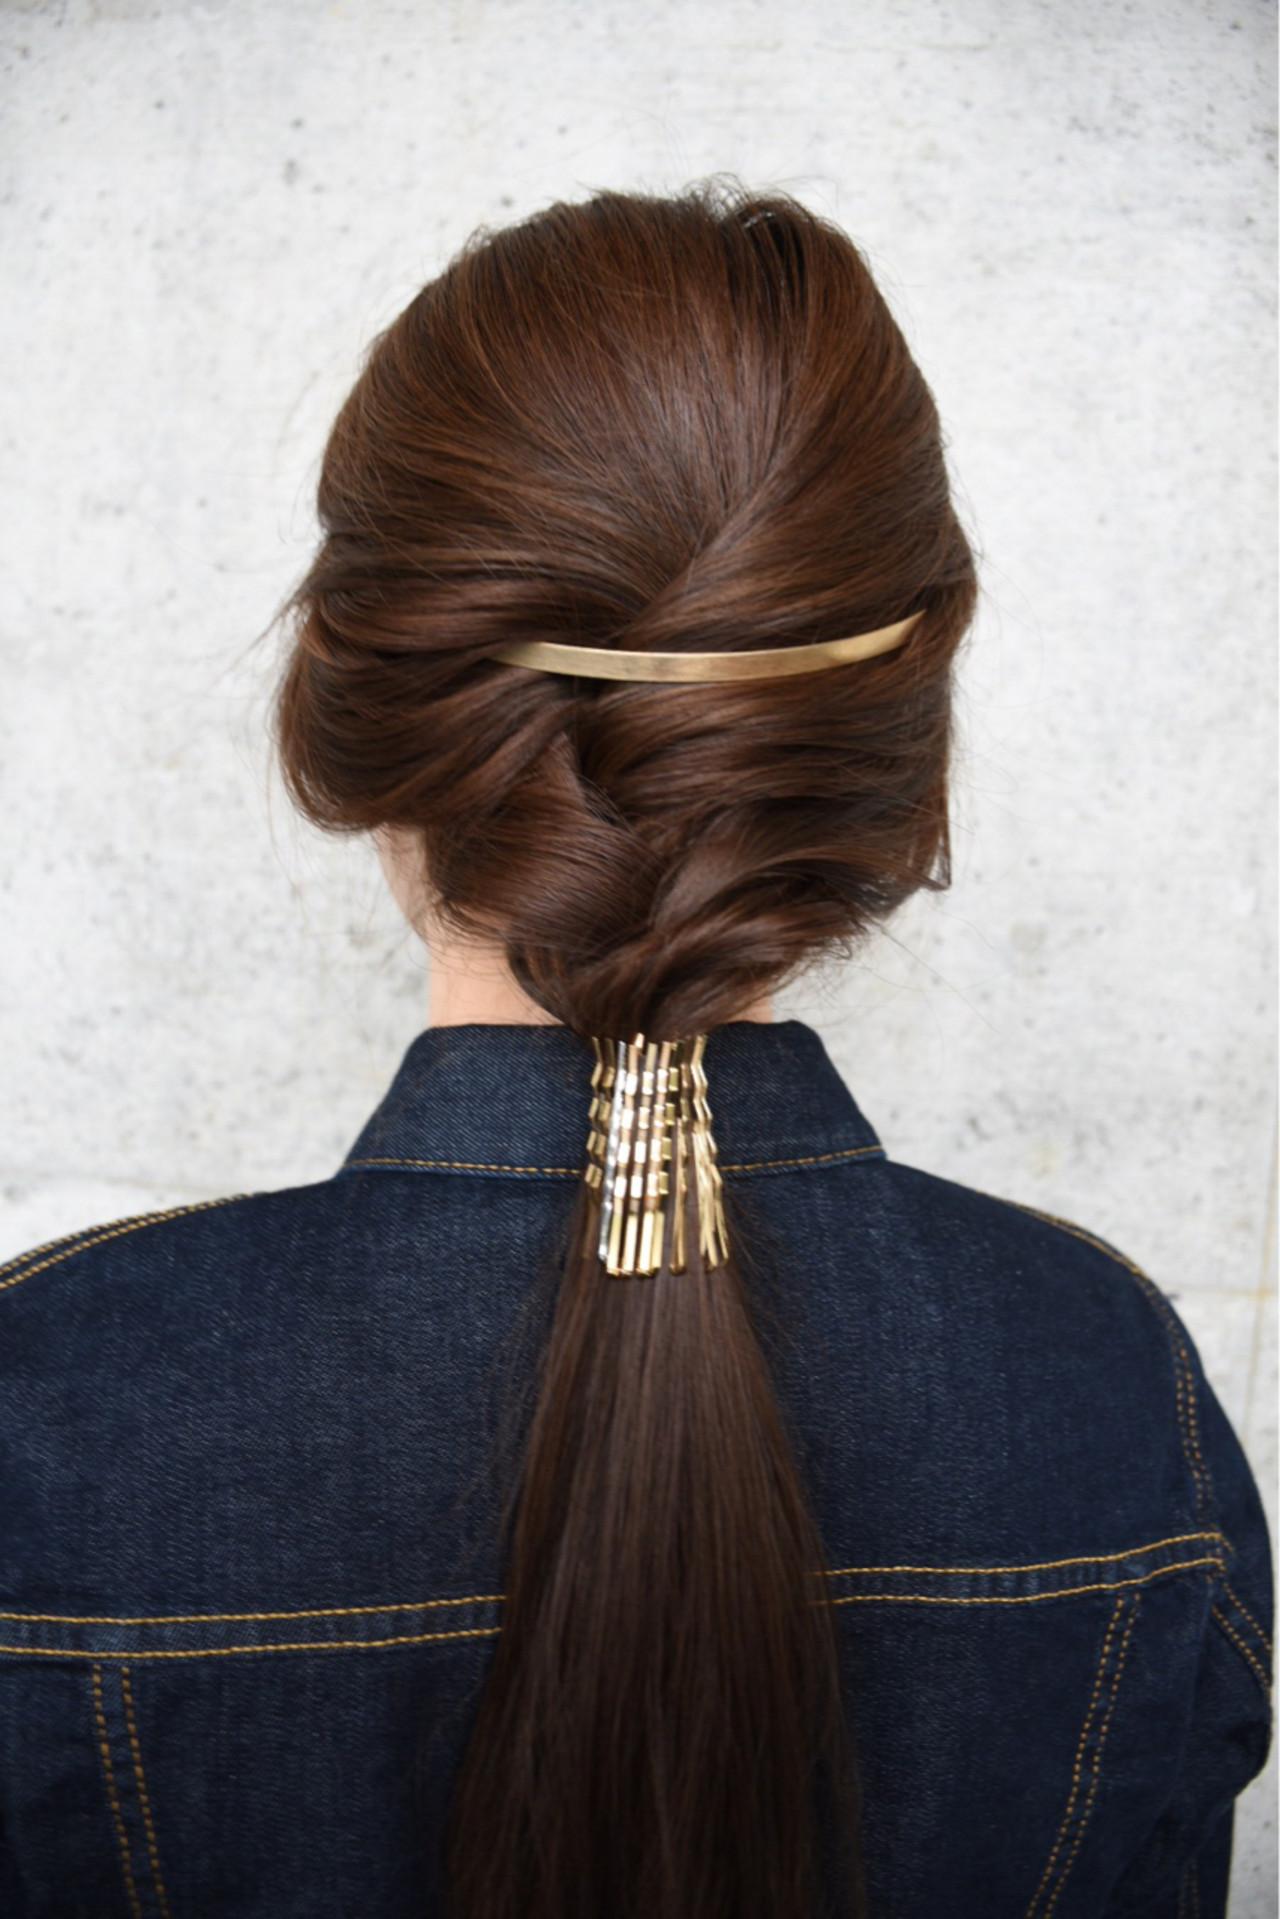 ヘアピン ヘアアクセ ヘアアレンジ ハーフアップ ヘアスタイルや髪型の写真・画像